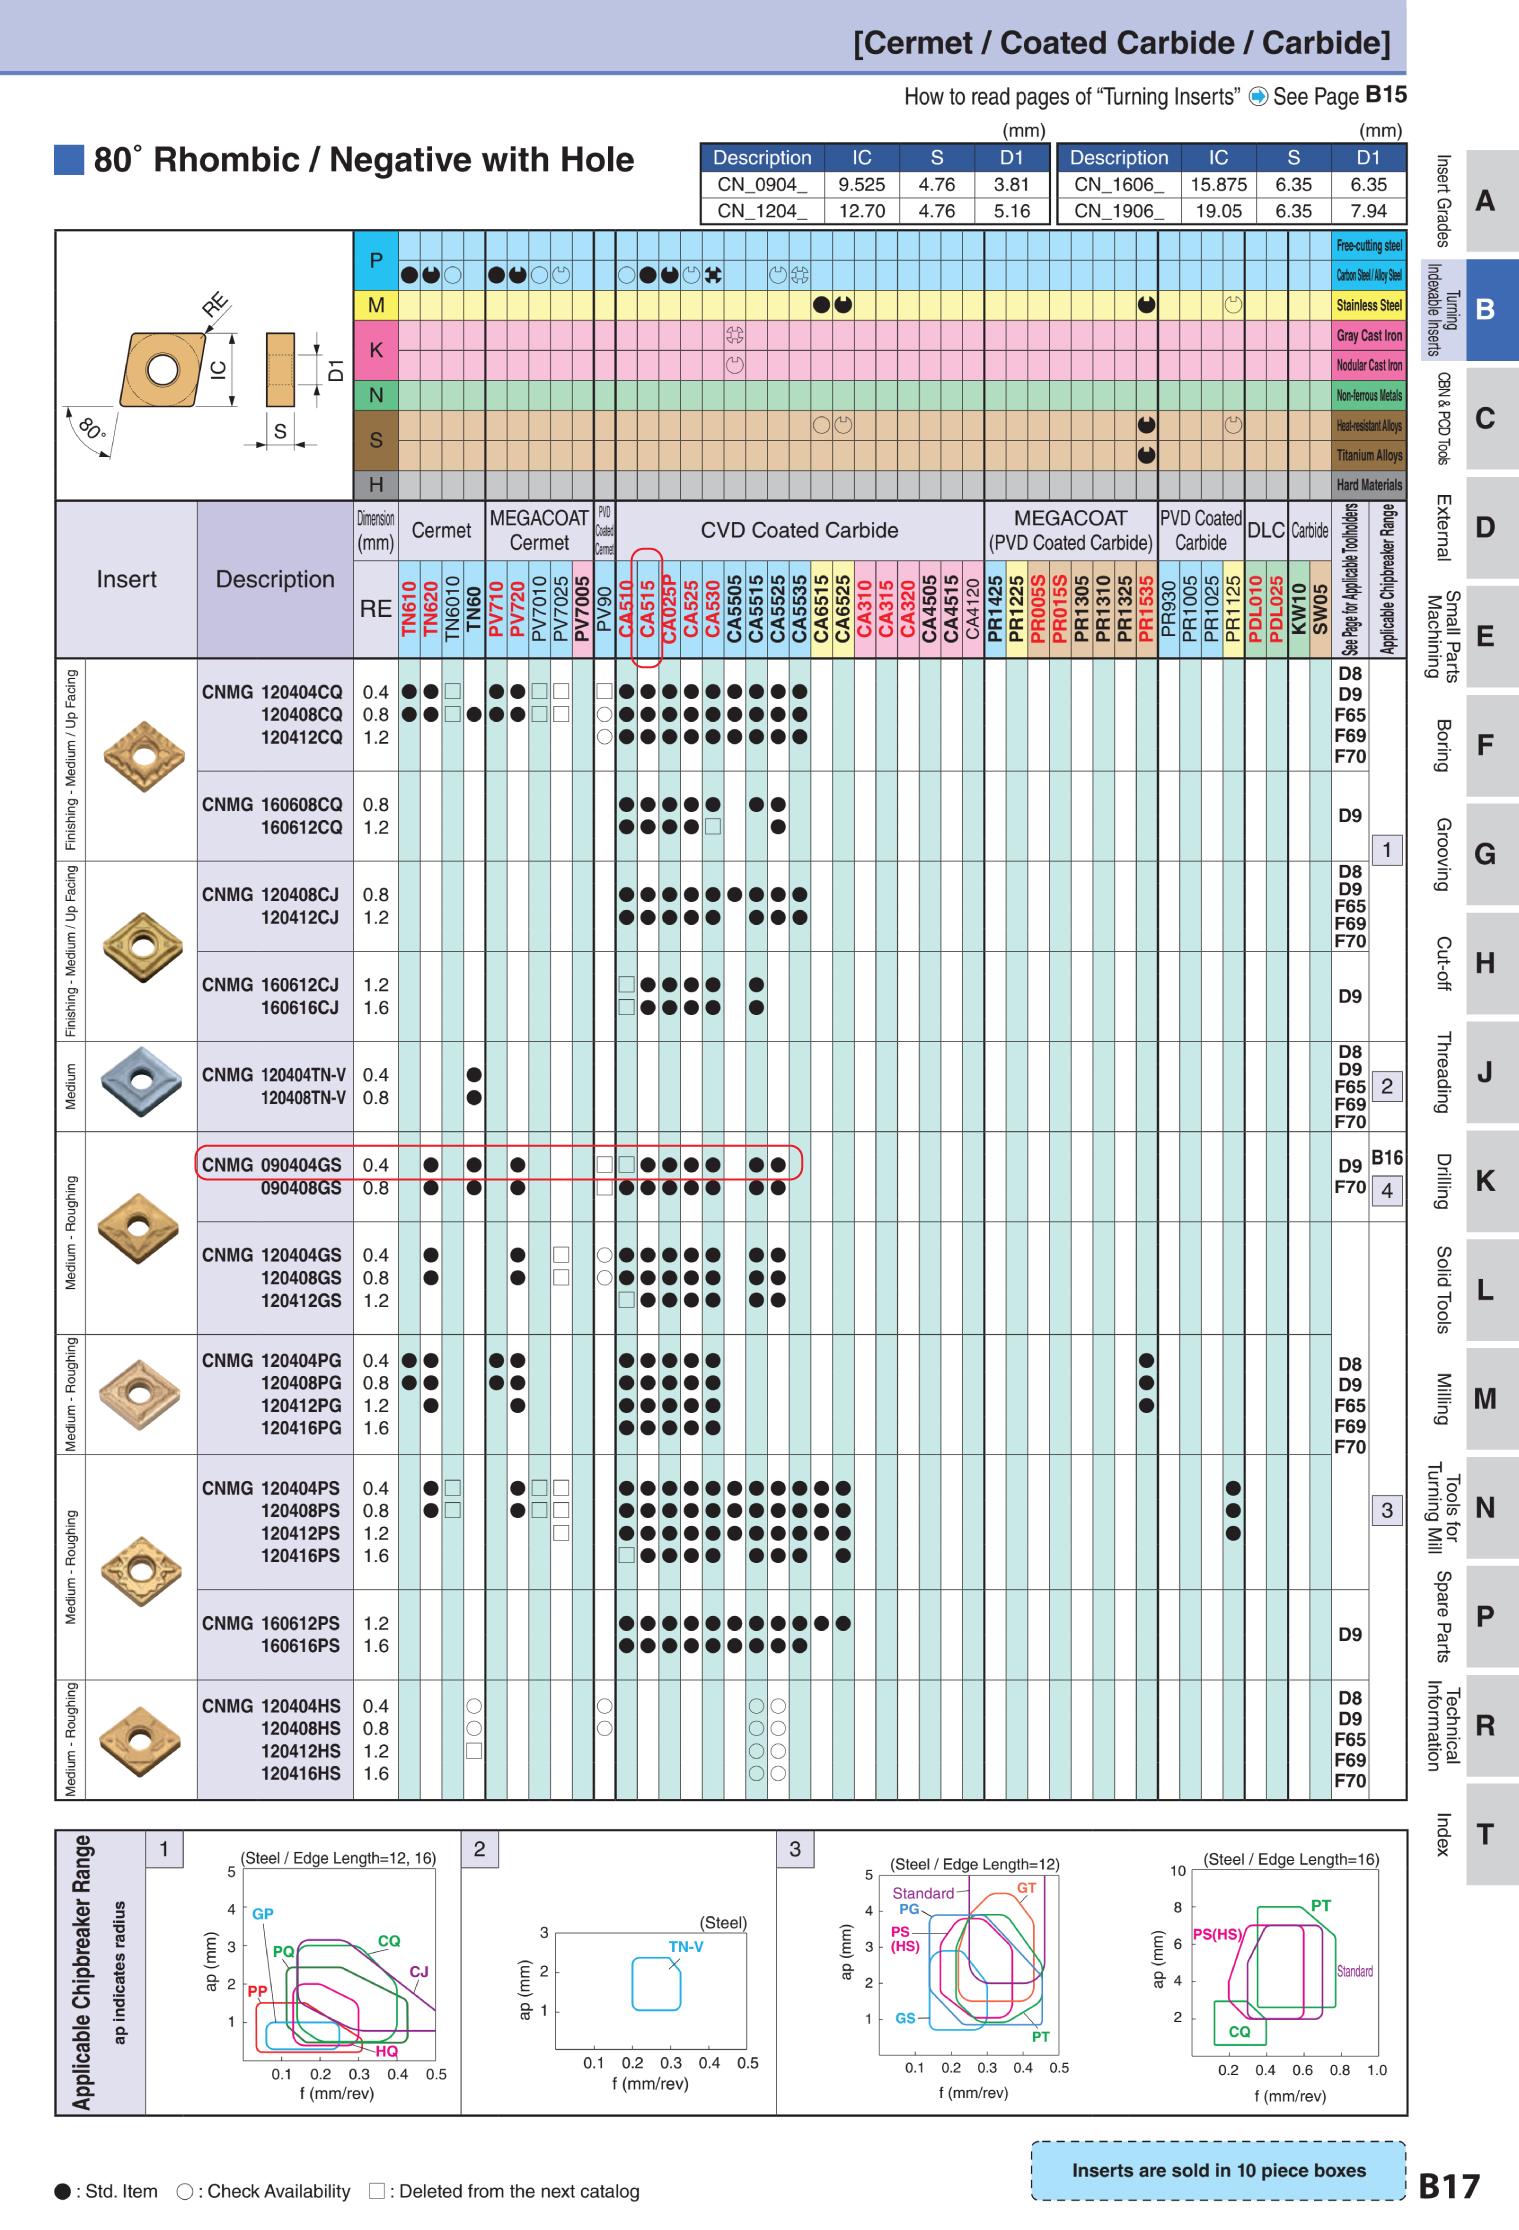 MẢNH DAO TIỆN KYOCMẢNH DAO TIỆN KYOCERA CNMG090404GS (CA515) CHUYÊN TIỆP THÉPERA TNMG160404AH (PDL025) CHUYÊN TIỆN NHÔM